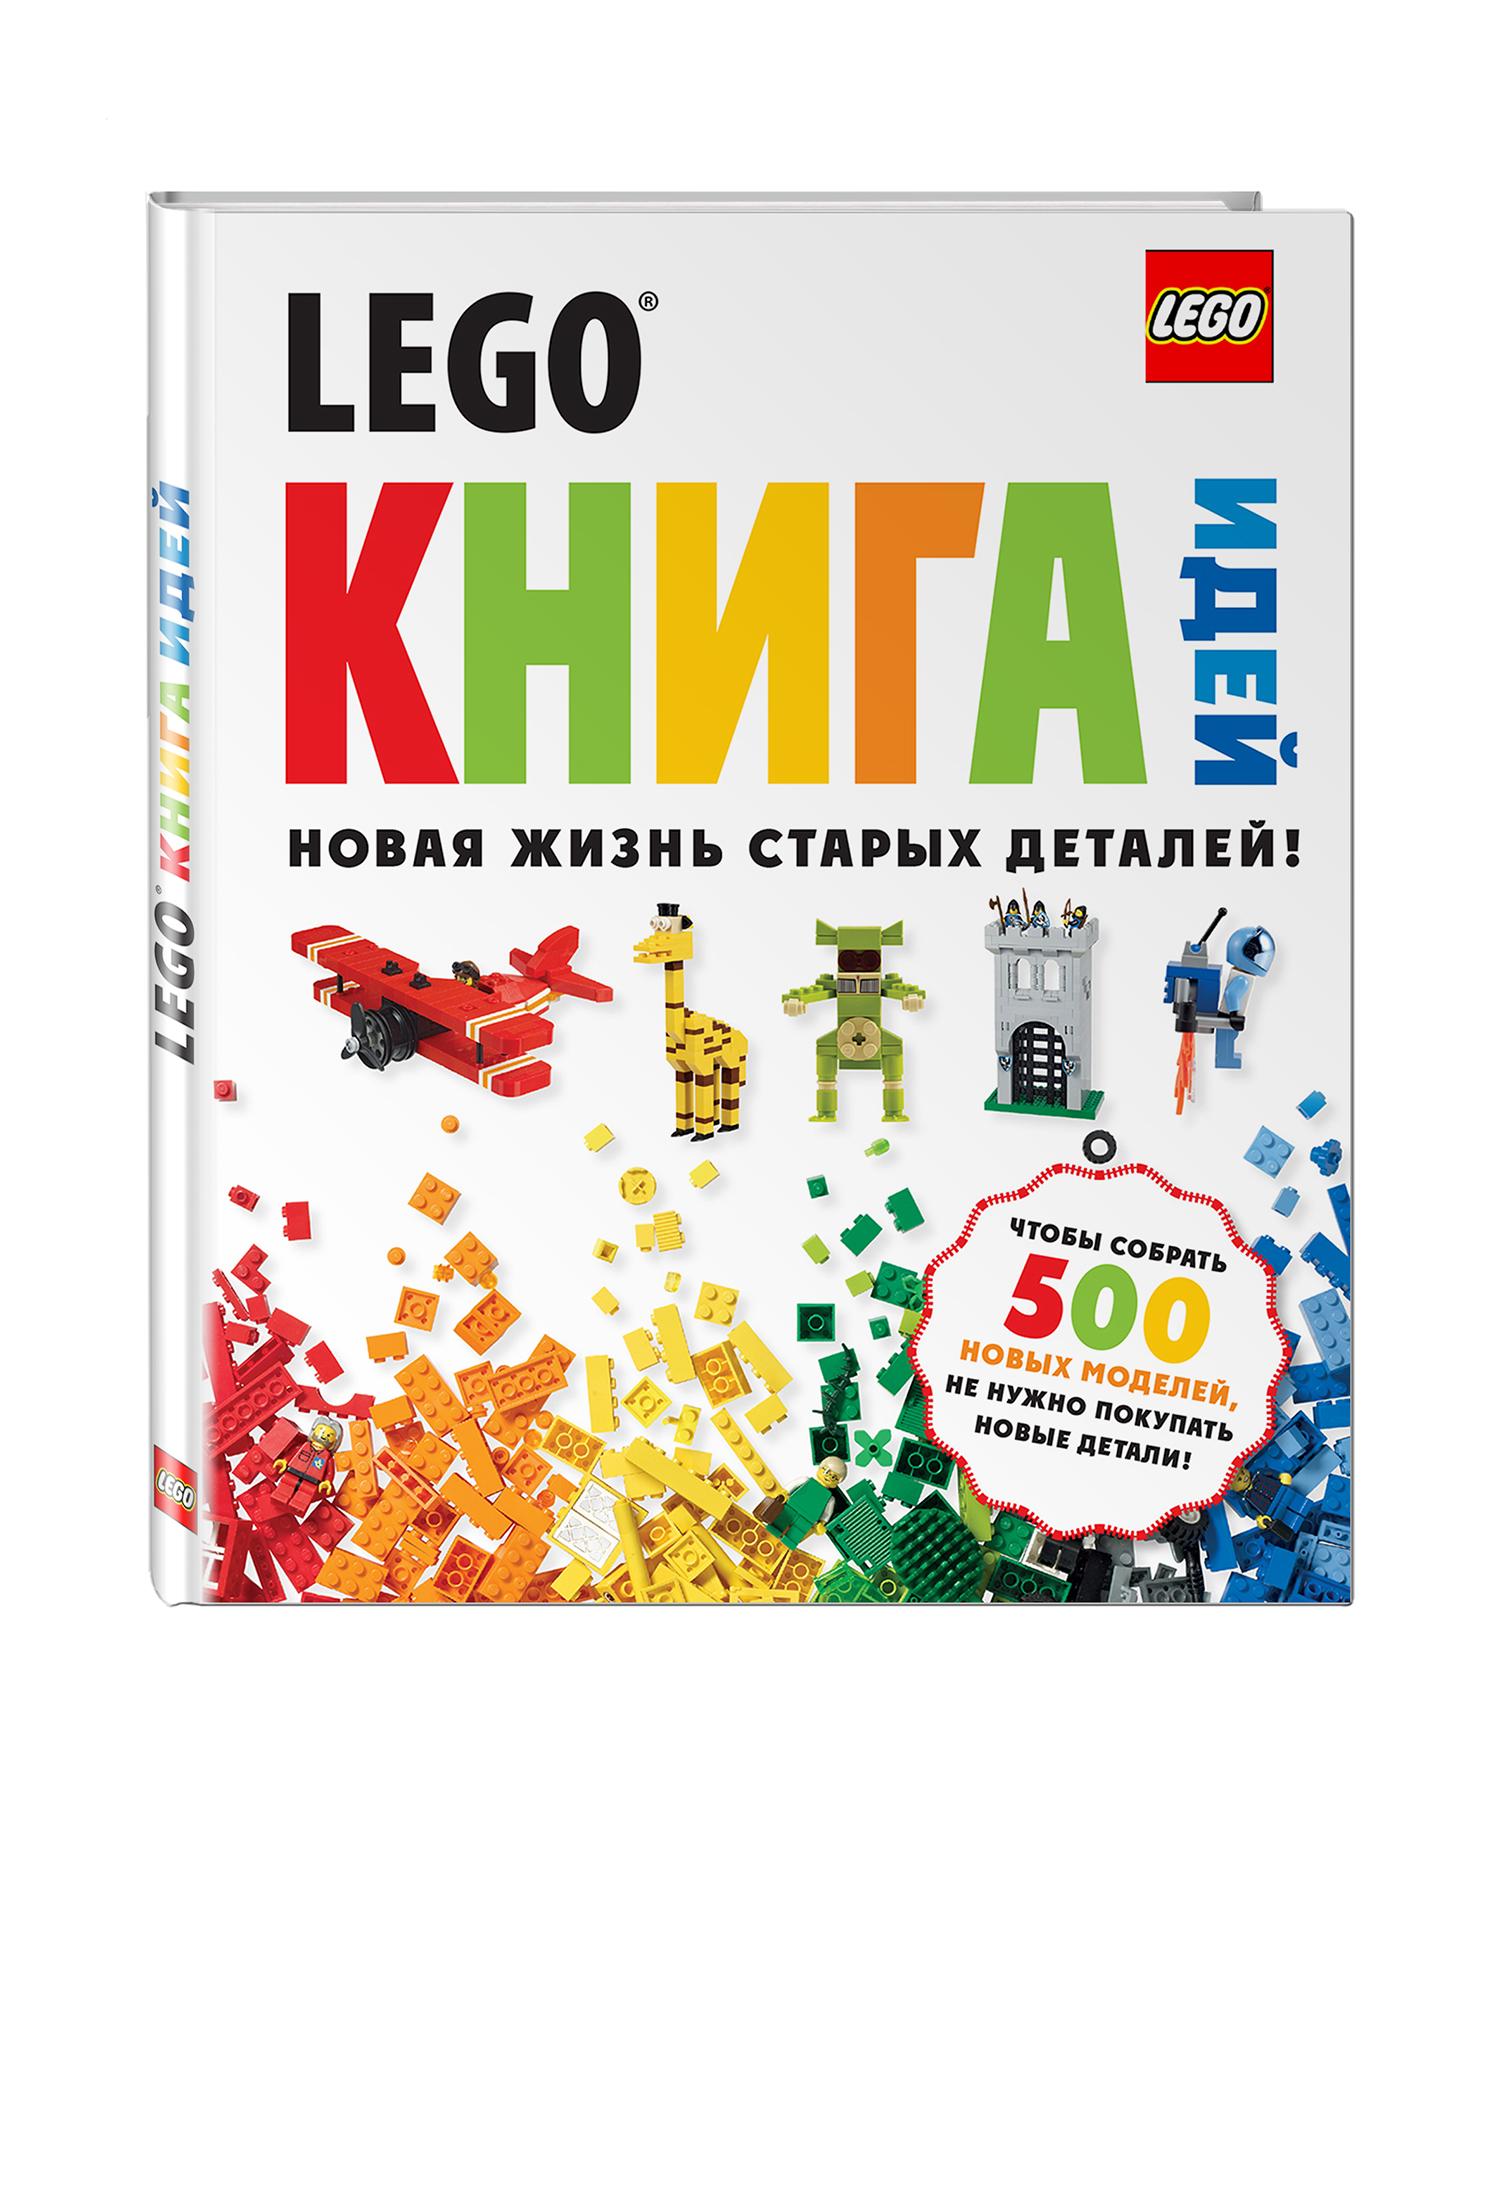 LEGO Книга идей петров в простейшие приемы изобретательства общие принципы получения идей 4 способа получения новых идей